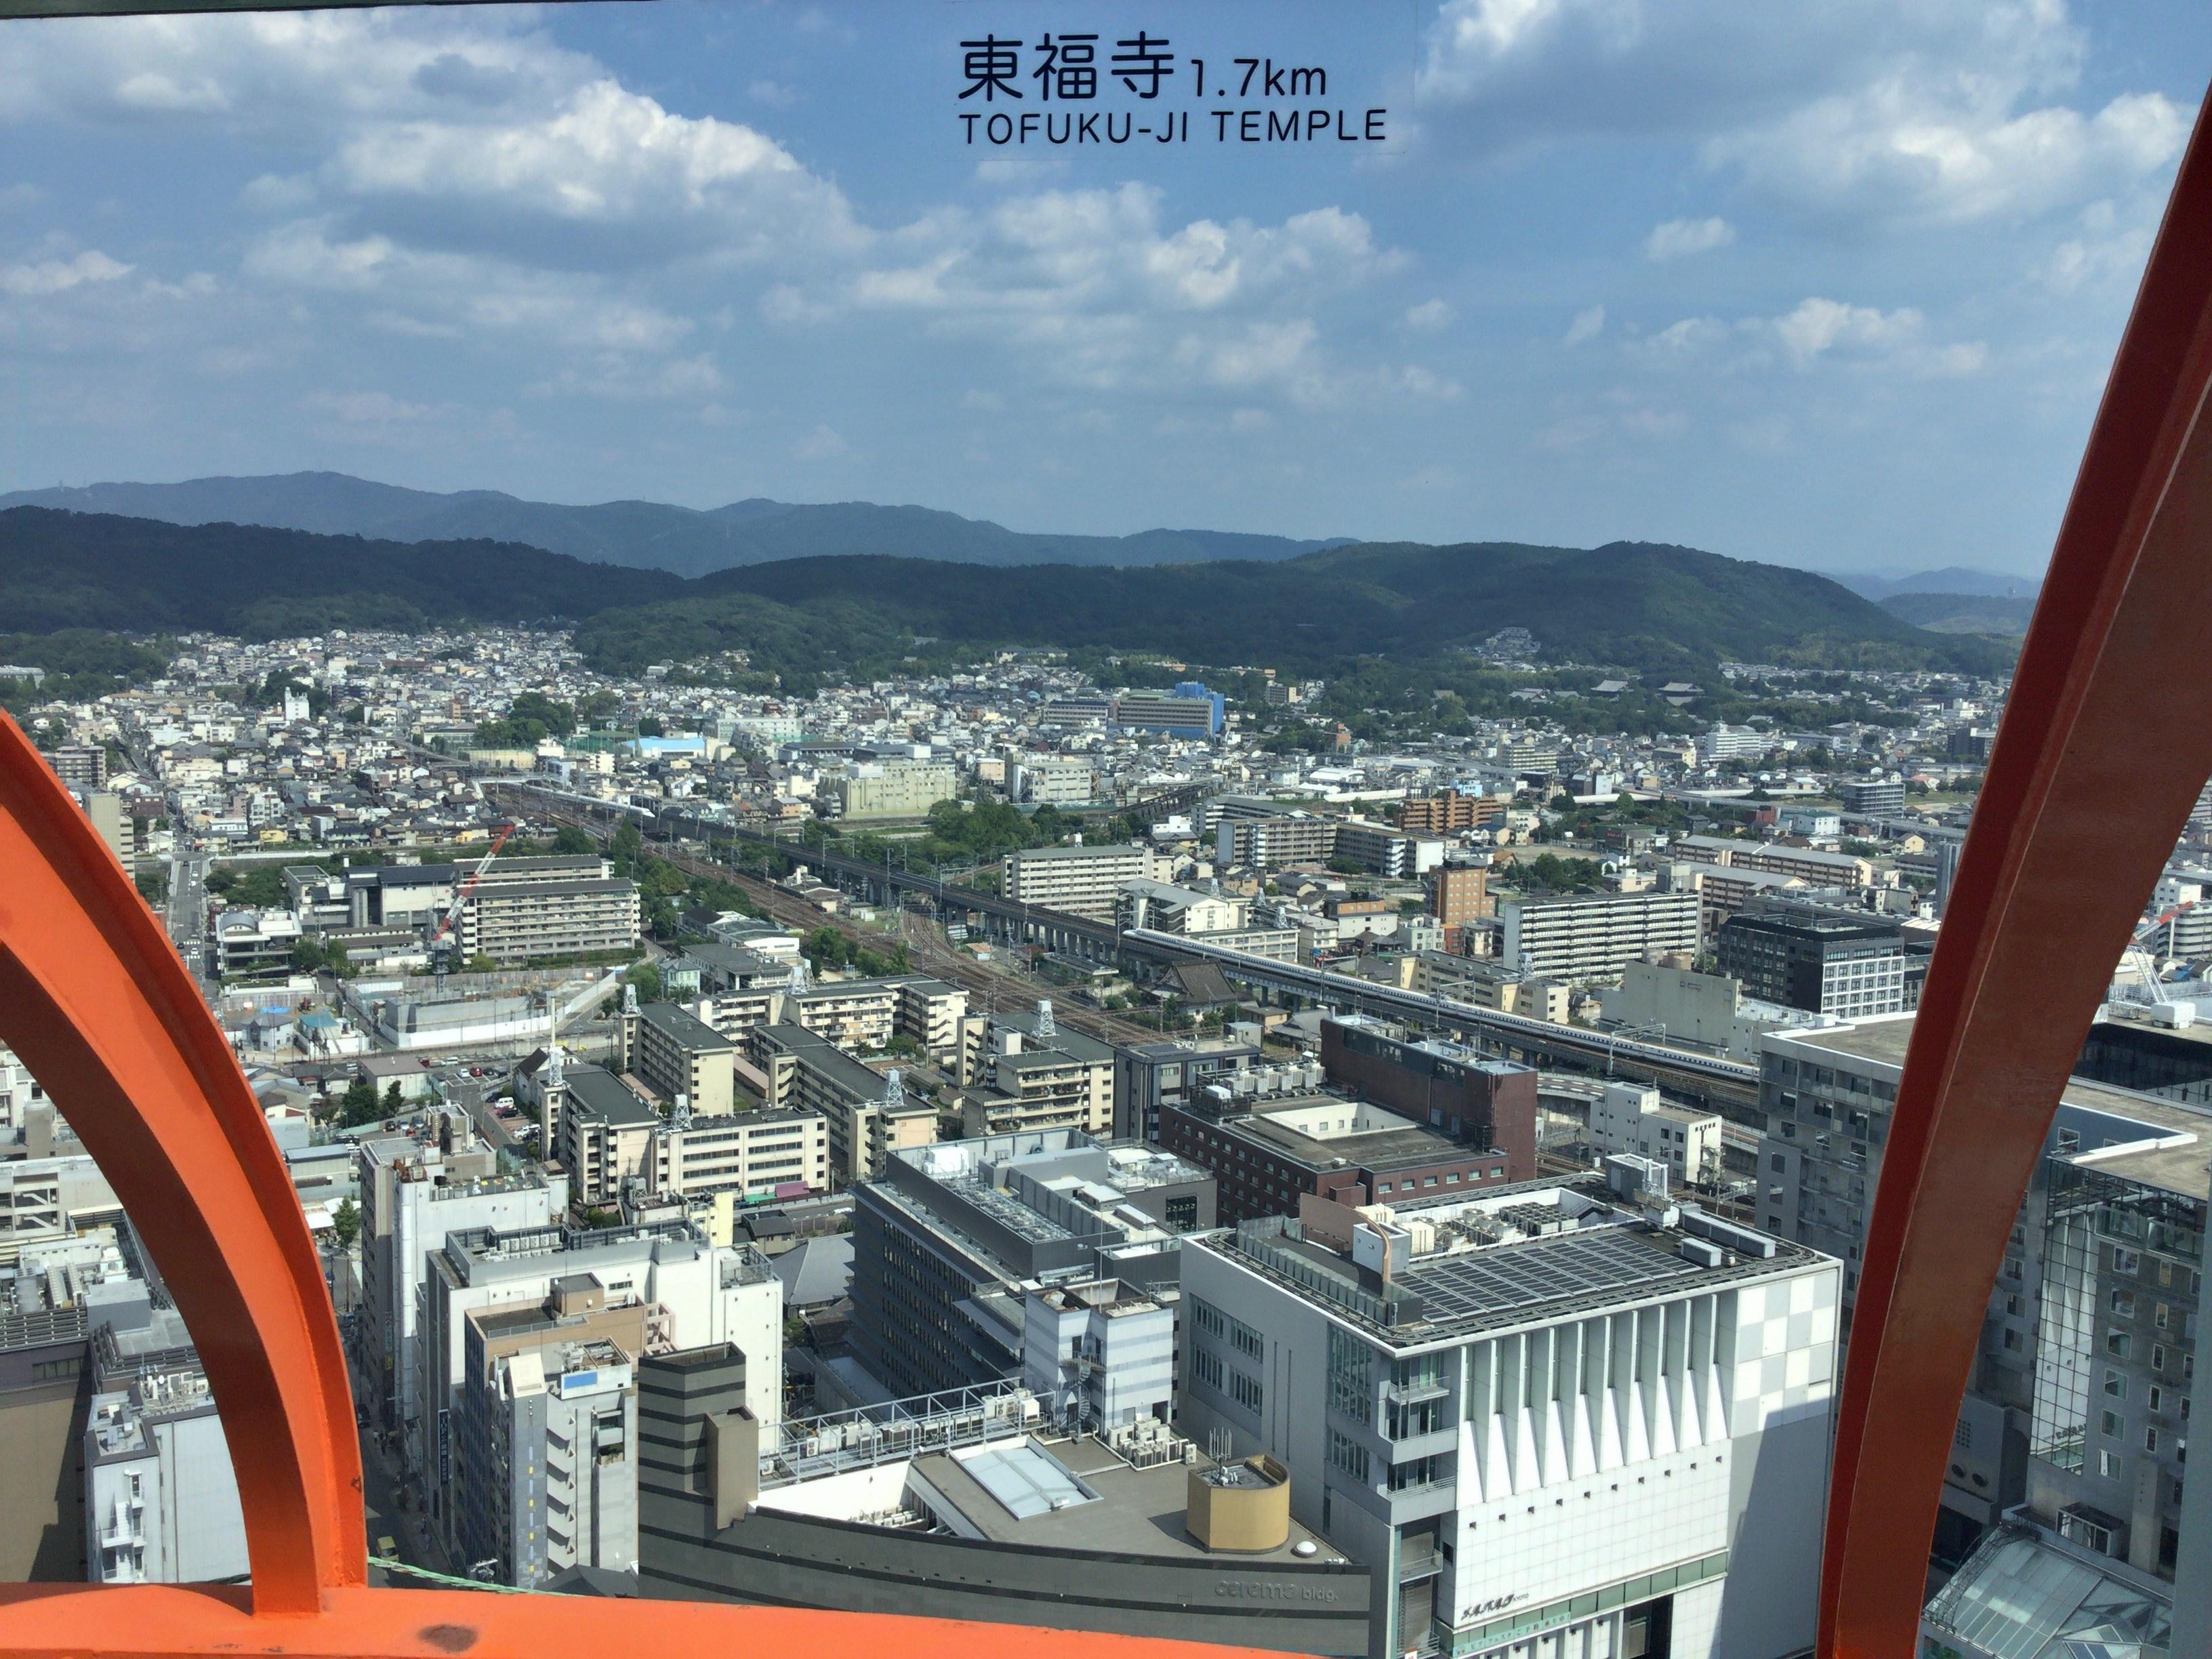 東福寺方面